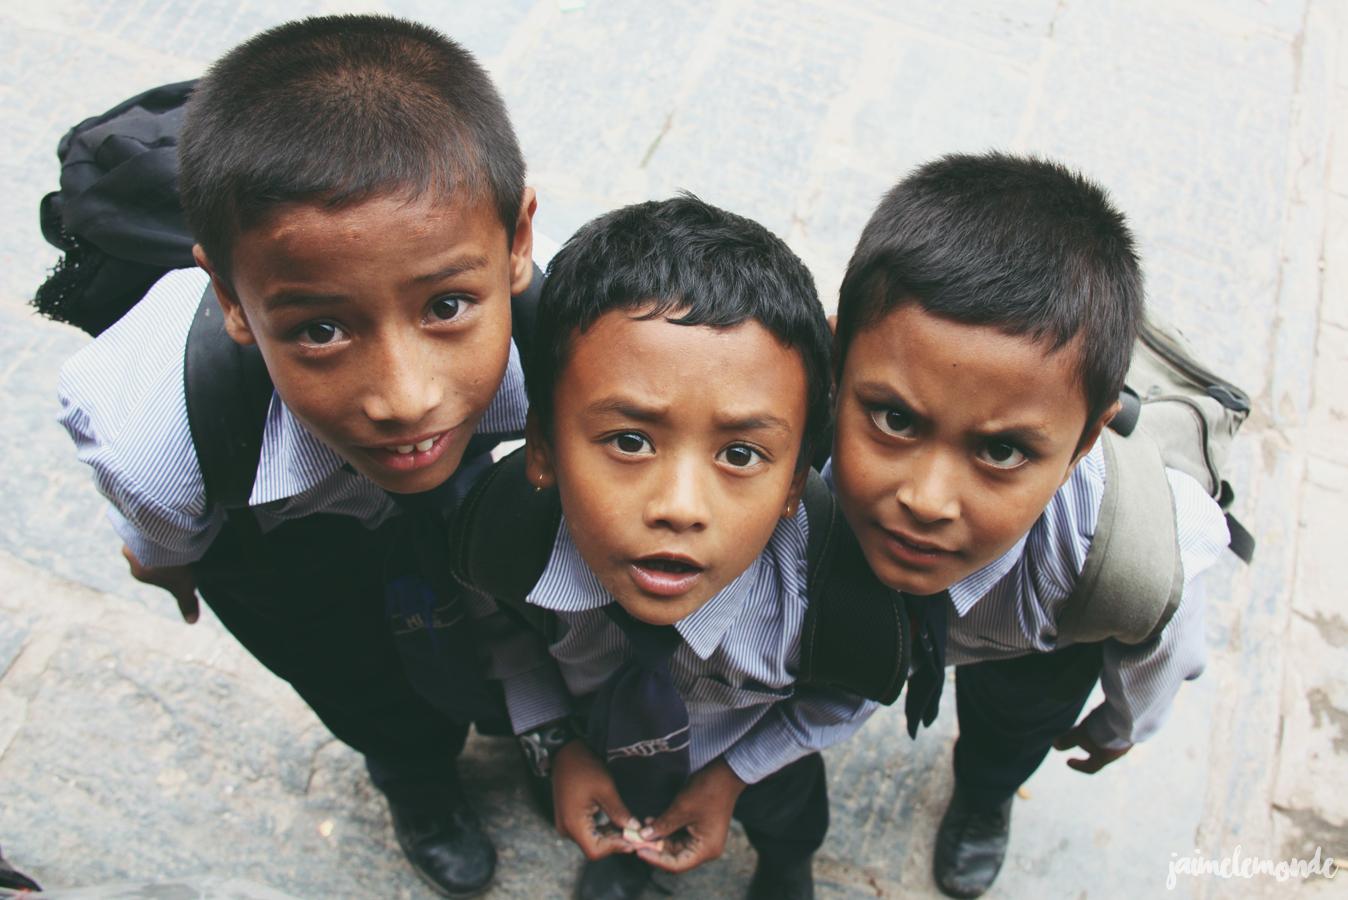 Blog voyage - 50 photos au Népal - ©jaimelemonde (46)